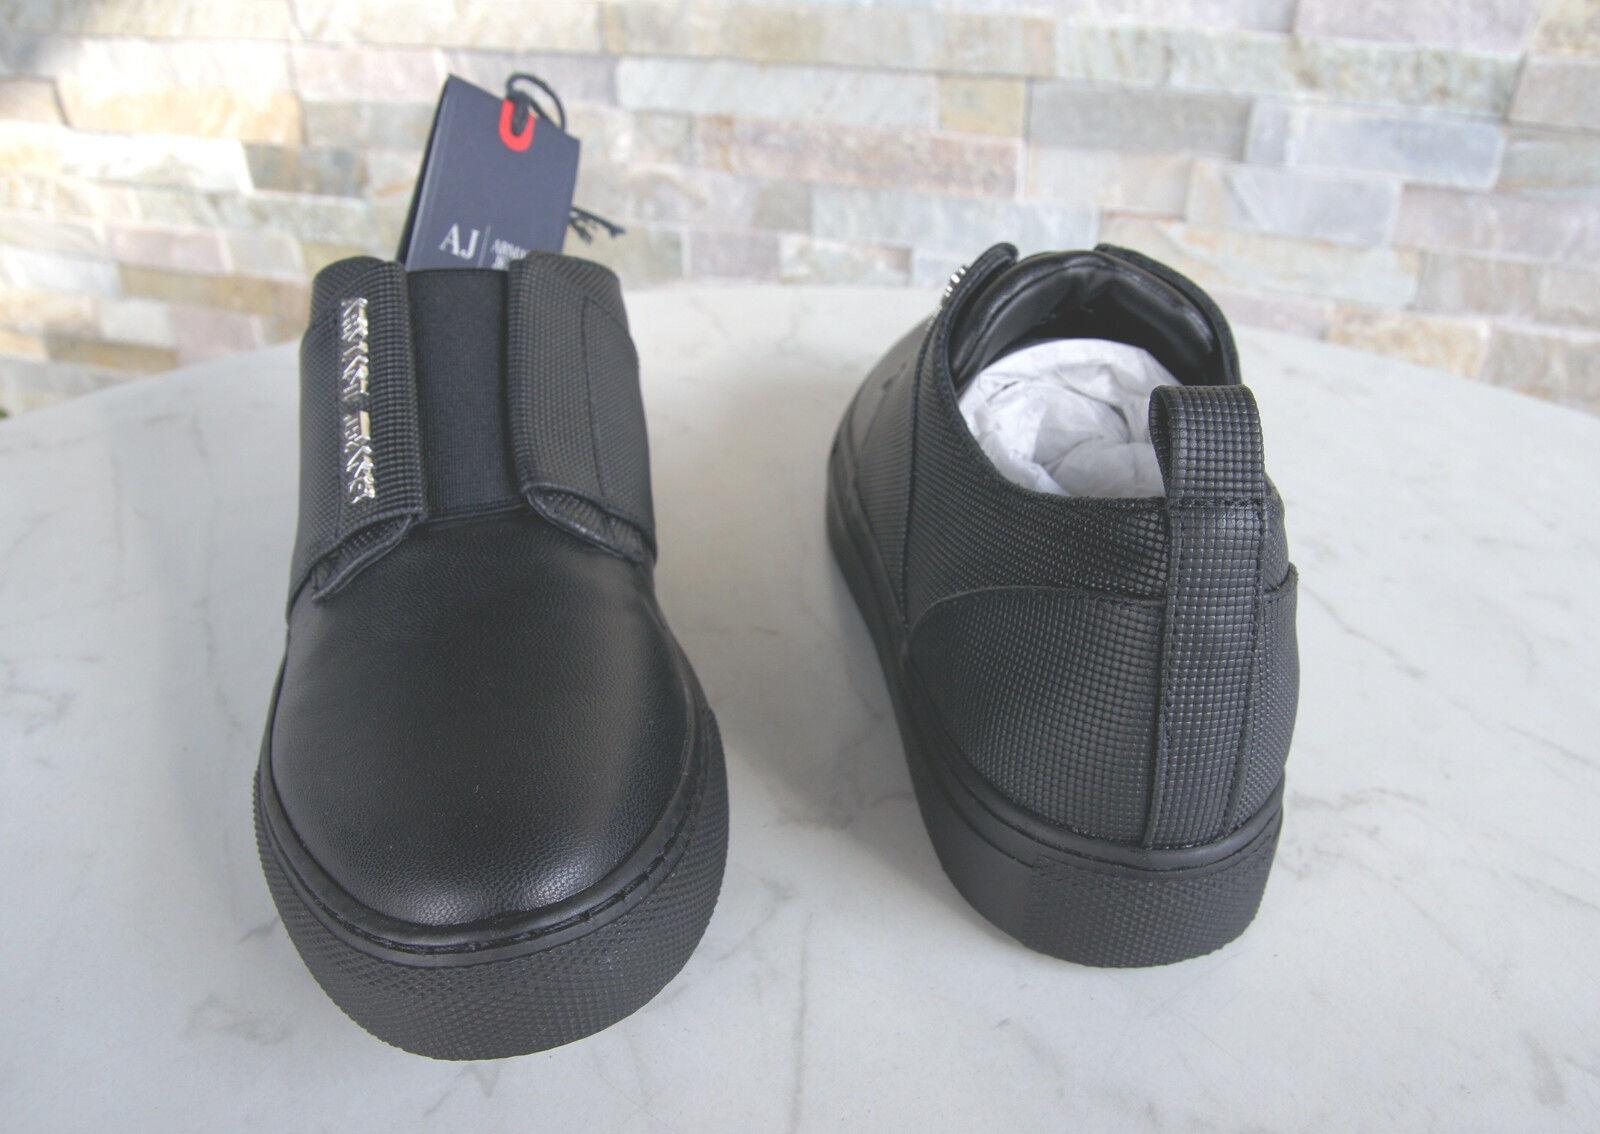 ARMANI JEANS Sneakers Gr schwarz 39 Slipper Slip-Ons Schuhe 6A518 schwarz Gr NEU bd1912